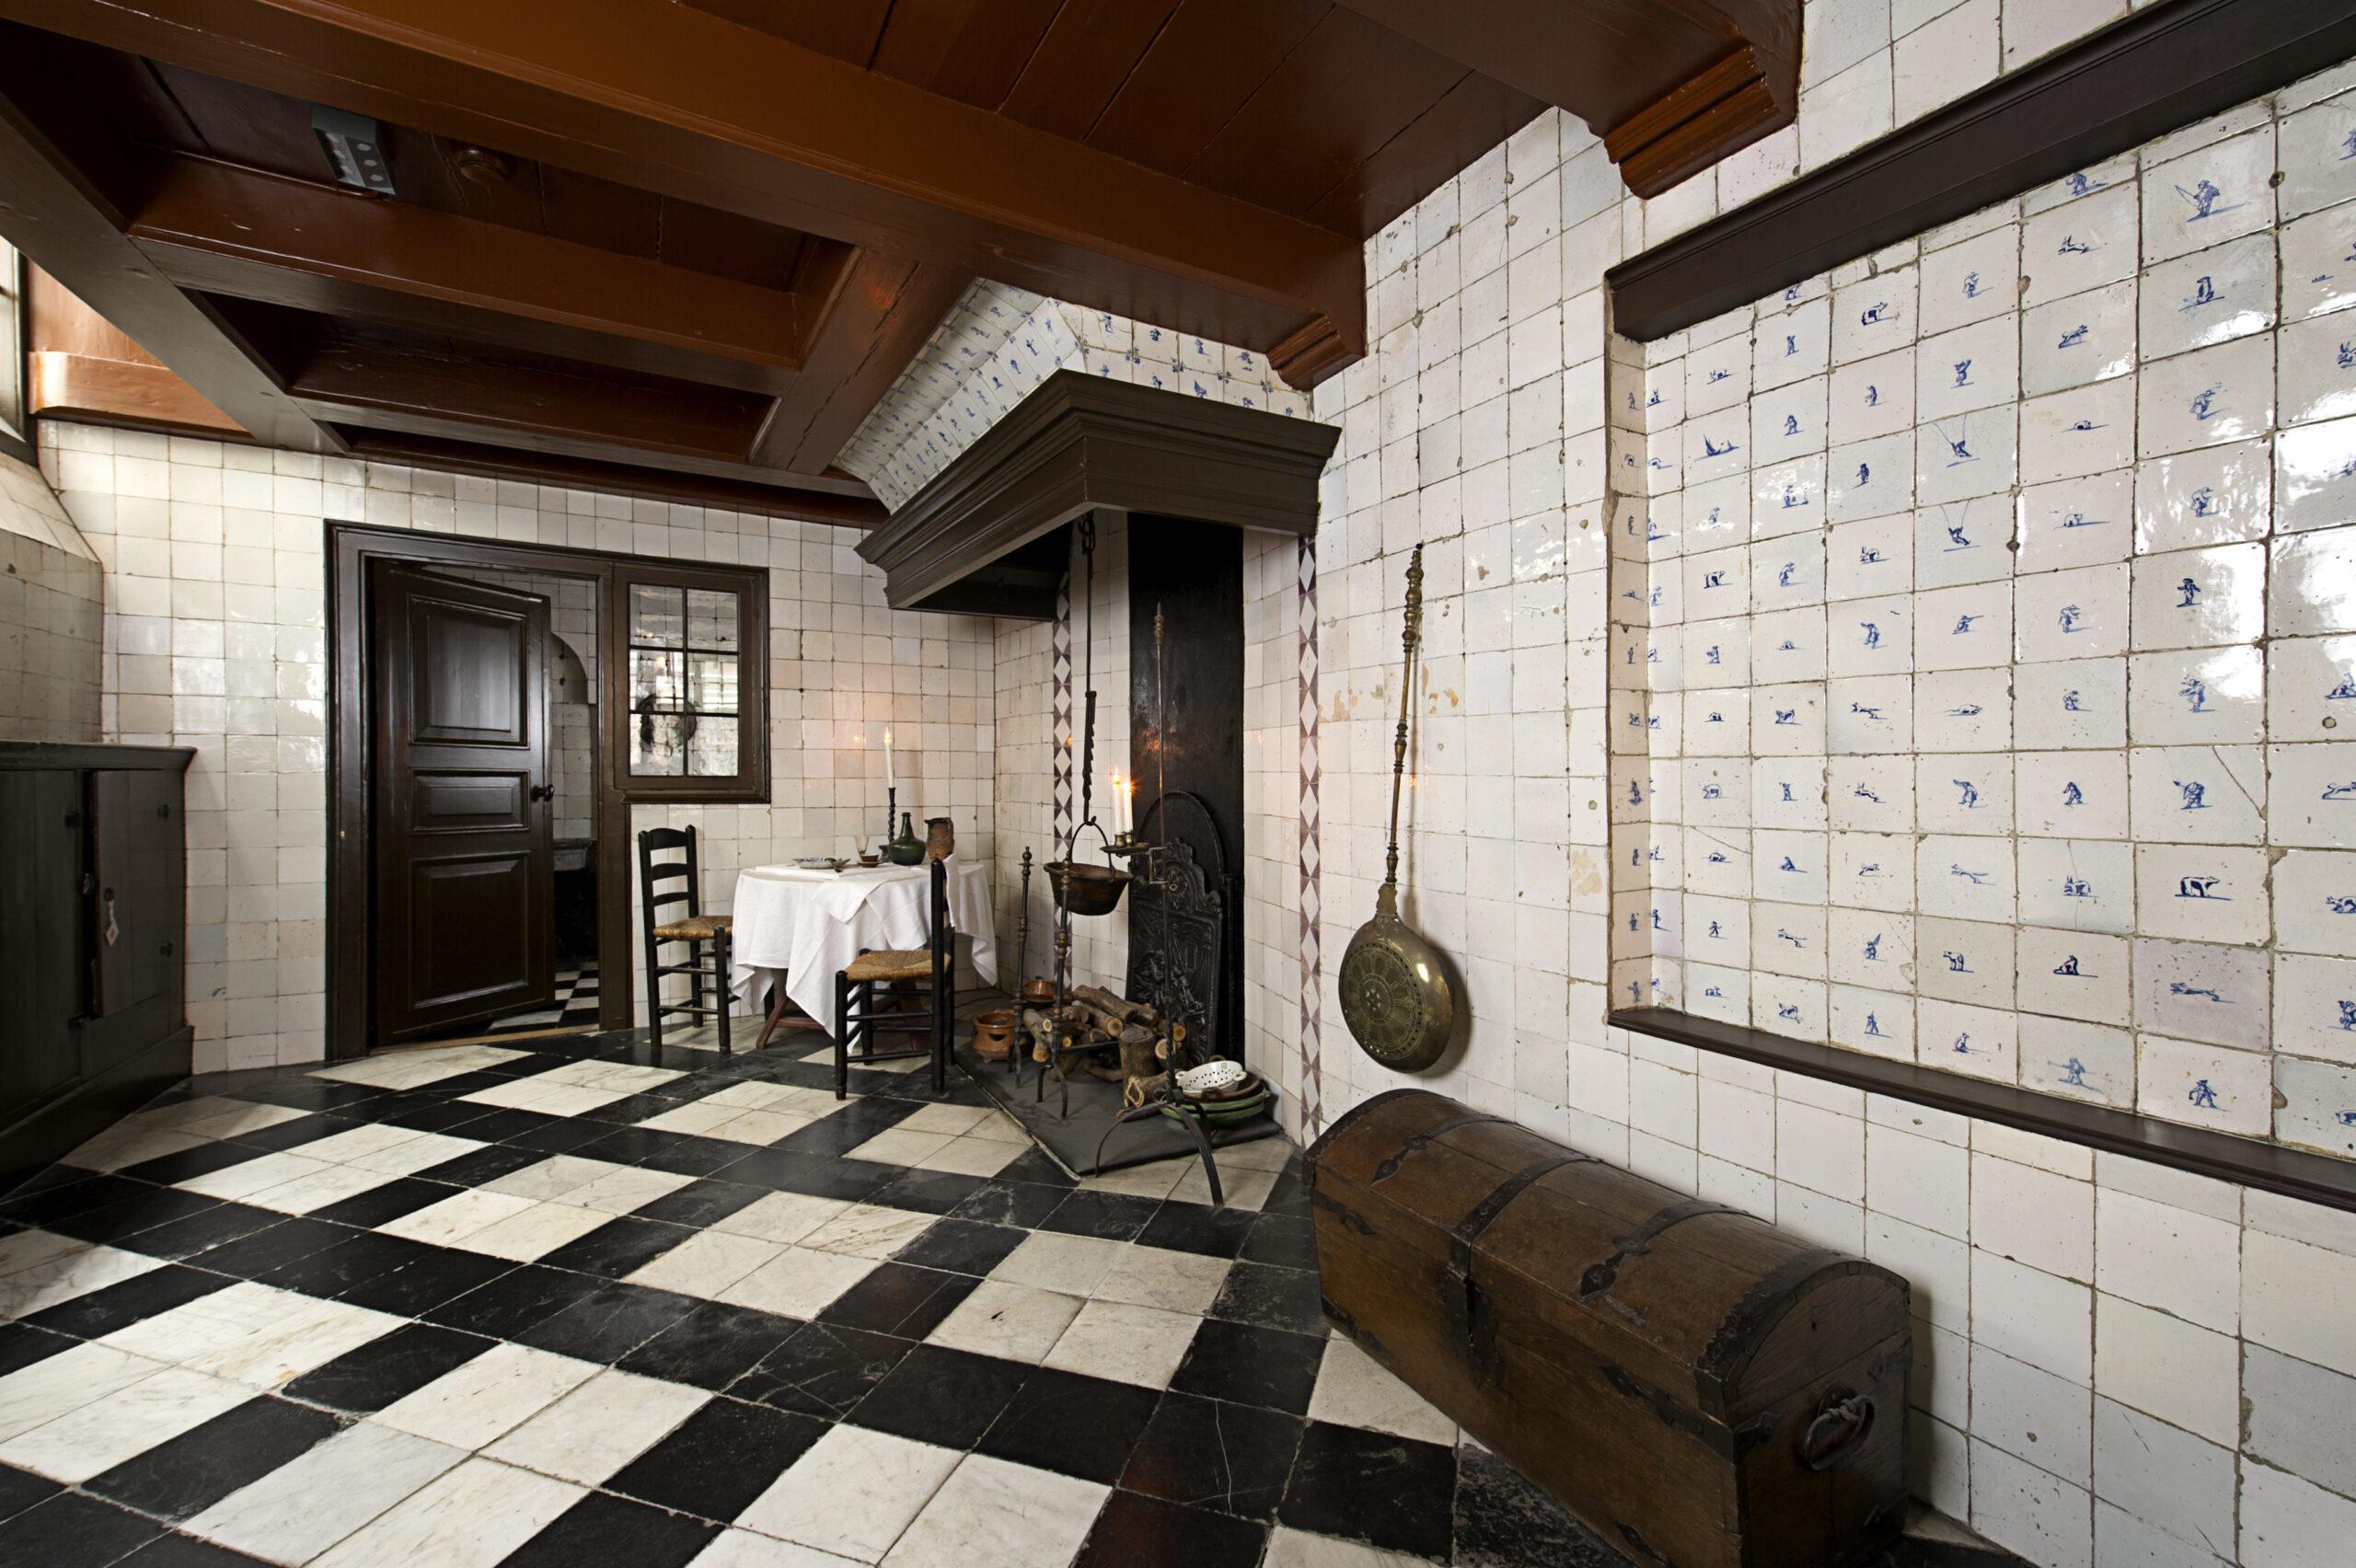 Old kitchen, Ons' Lieve Heer op Solder